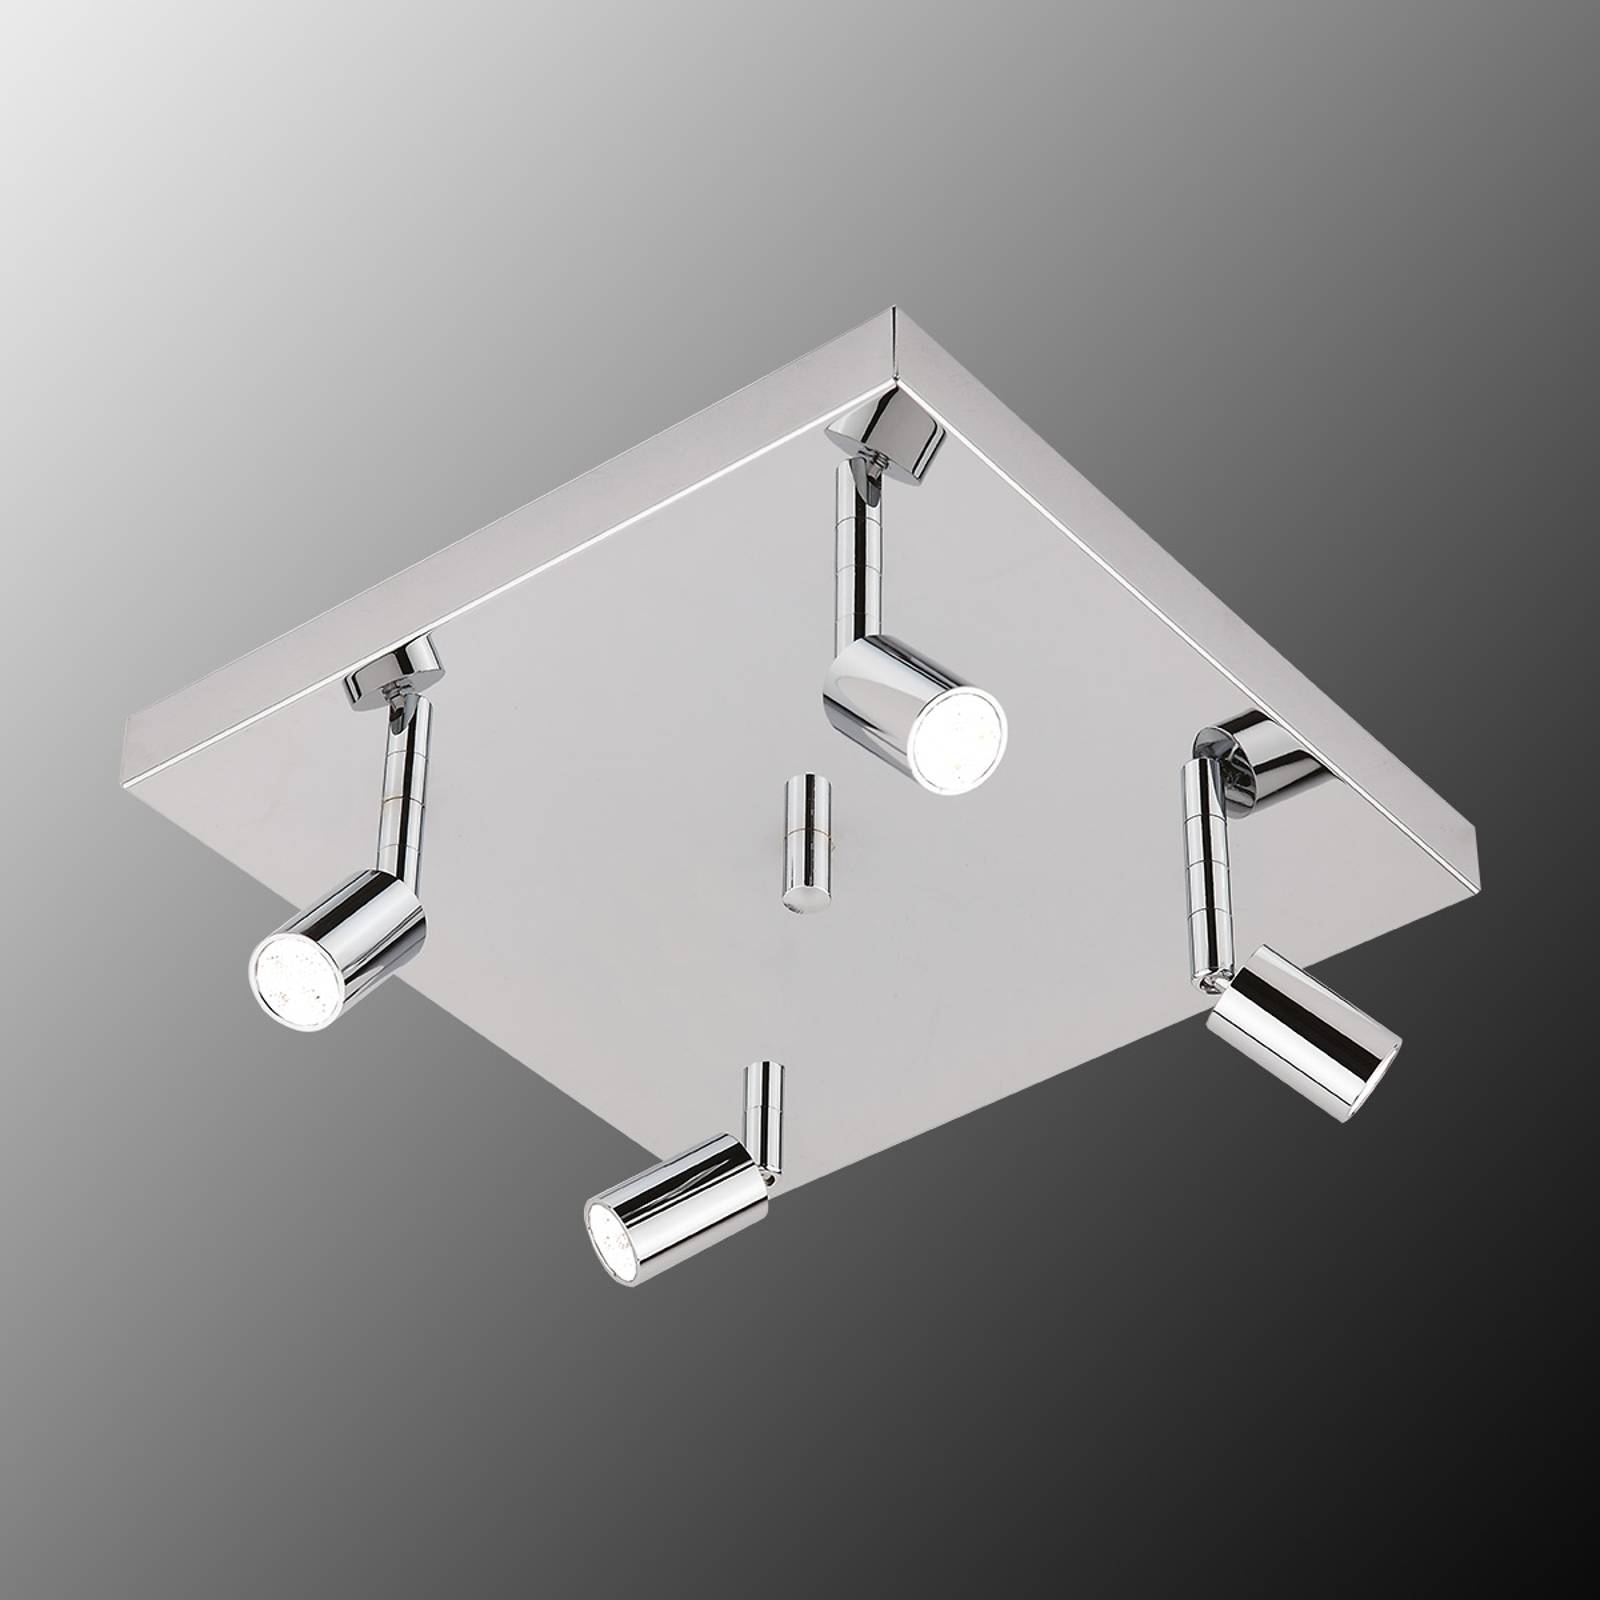 Quadratische LED-Deckenleuchte Karen 4-flg